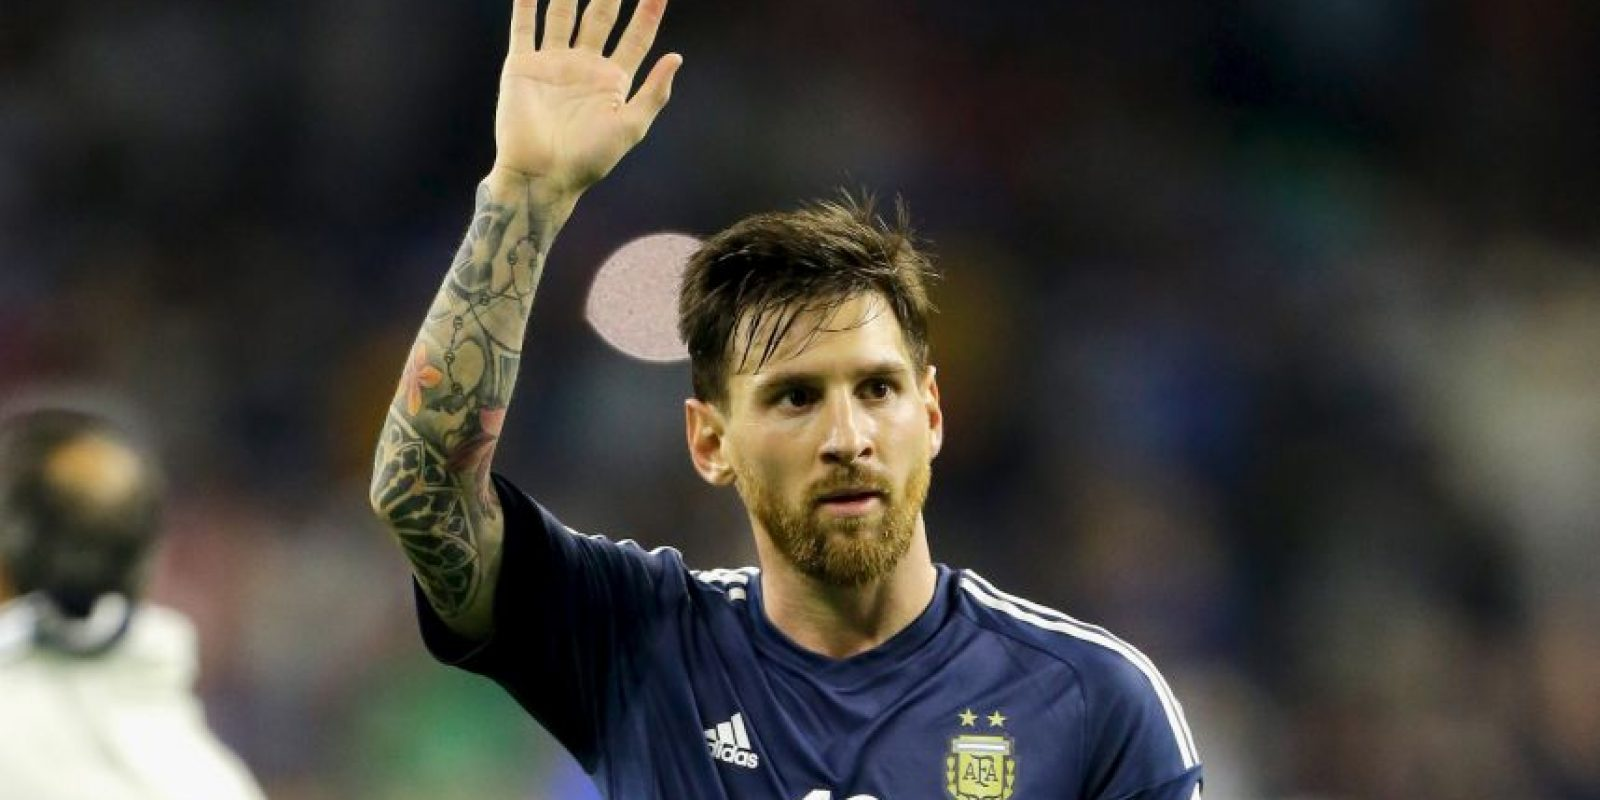 """""""Si no ganan, que no vuelvan"""", dijo Maradona como advertencia a la selección argentina Foto:Getty Images"""